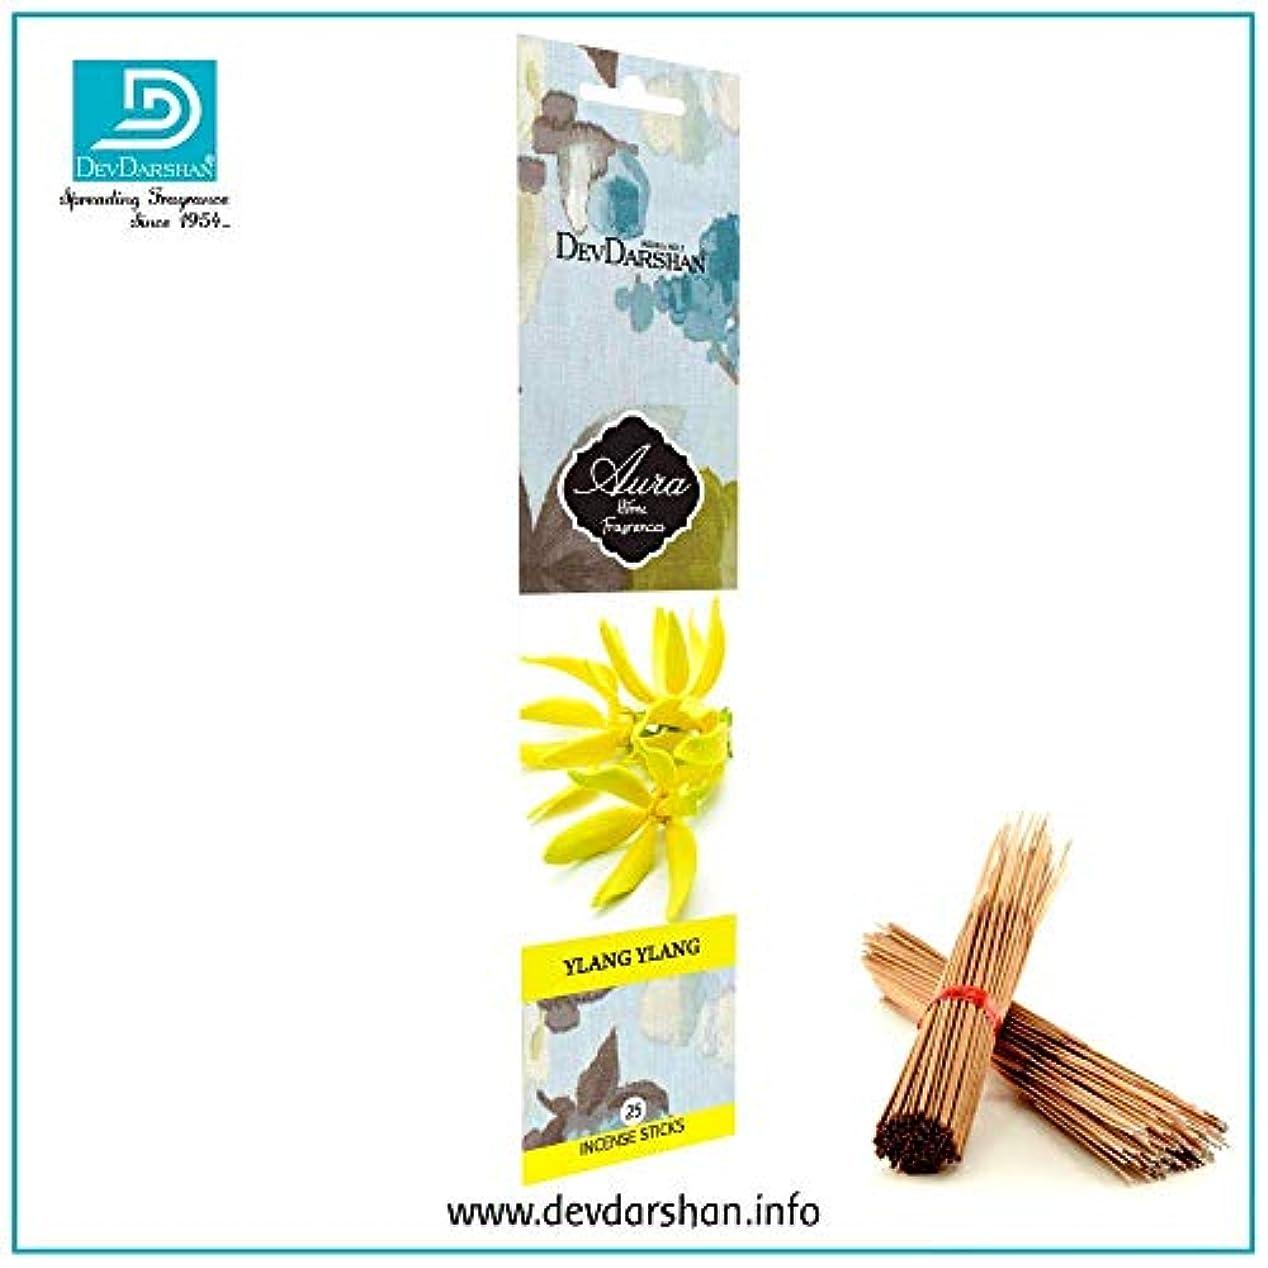 サミット欲望近くDevdarshan Aura Ylang Ylang 3 Packs of 25 Incense Stick Each